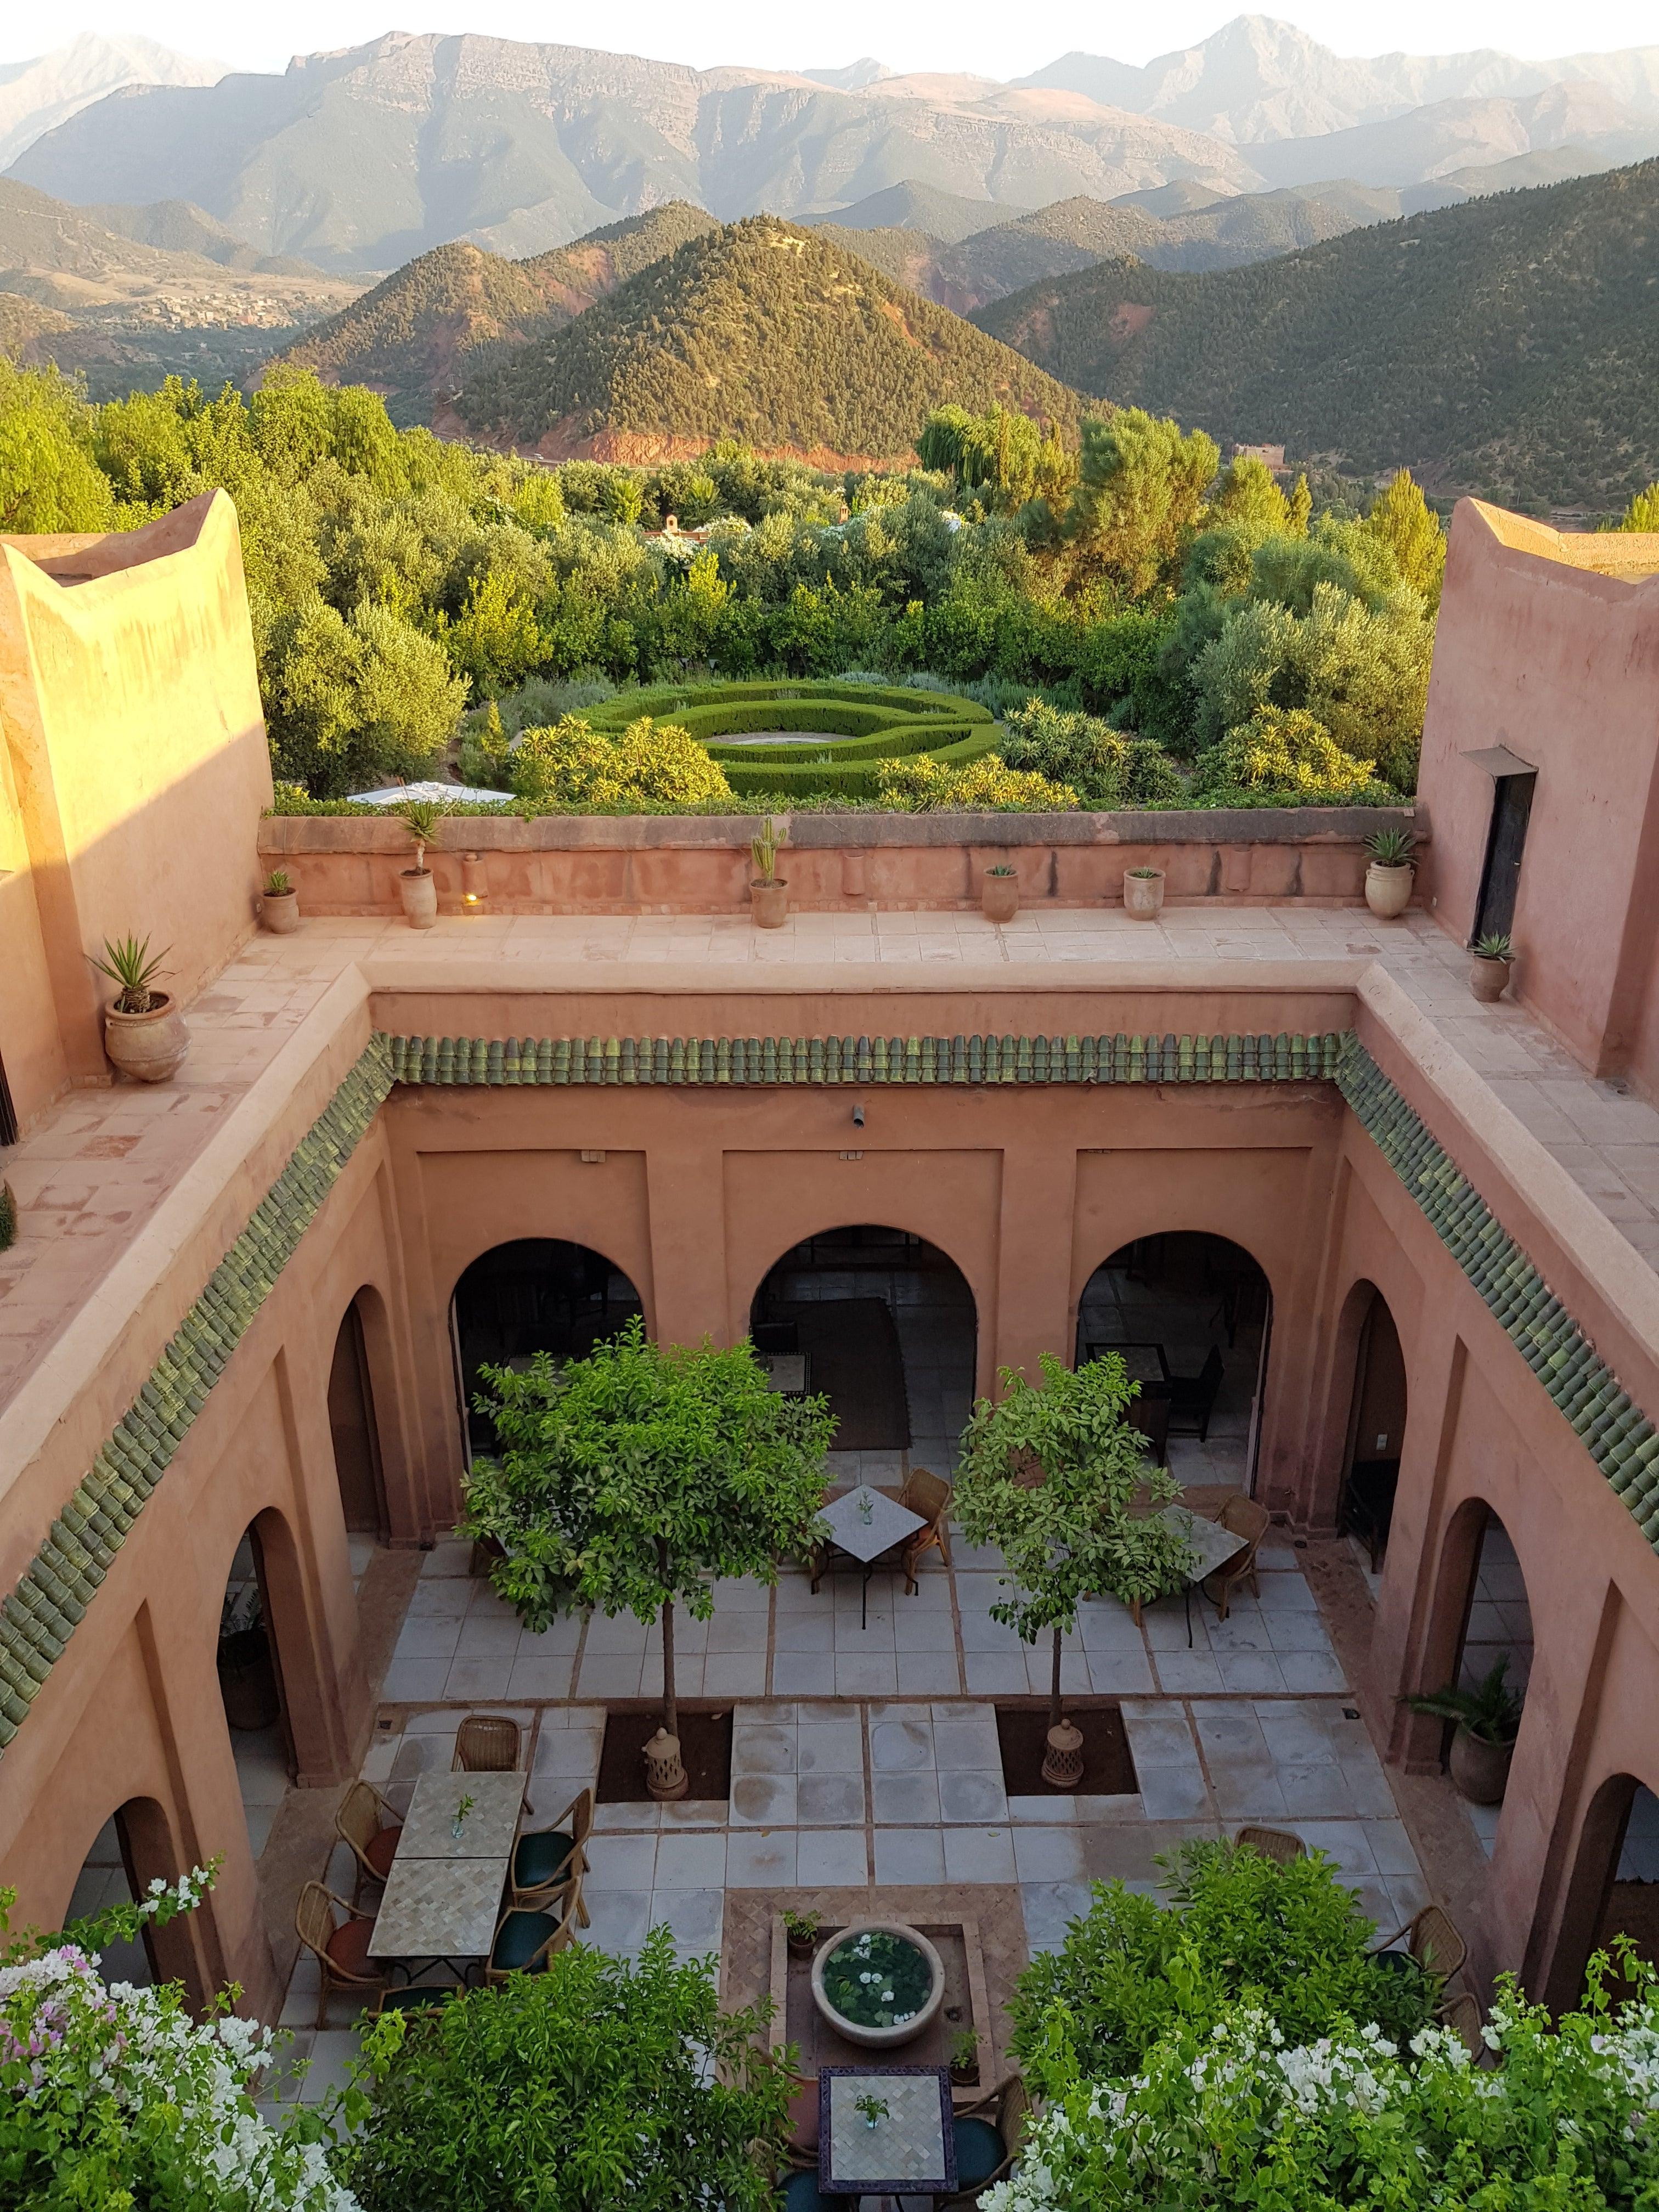 Your Honeymoon in Marrakech Needs Pom-Pom Earrings